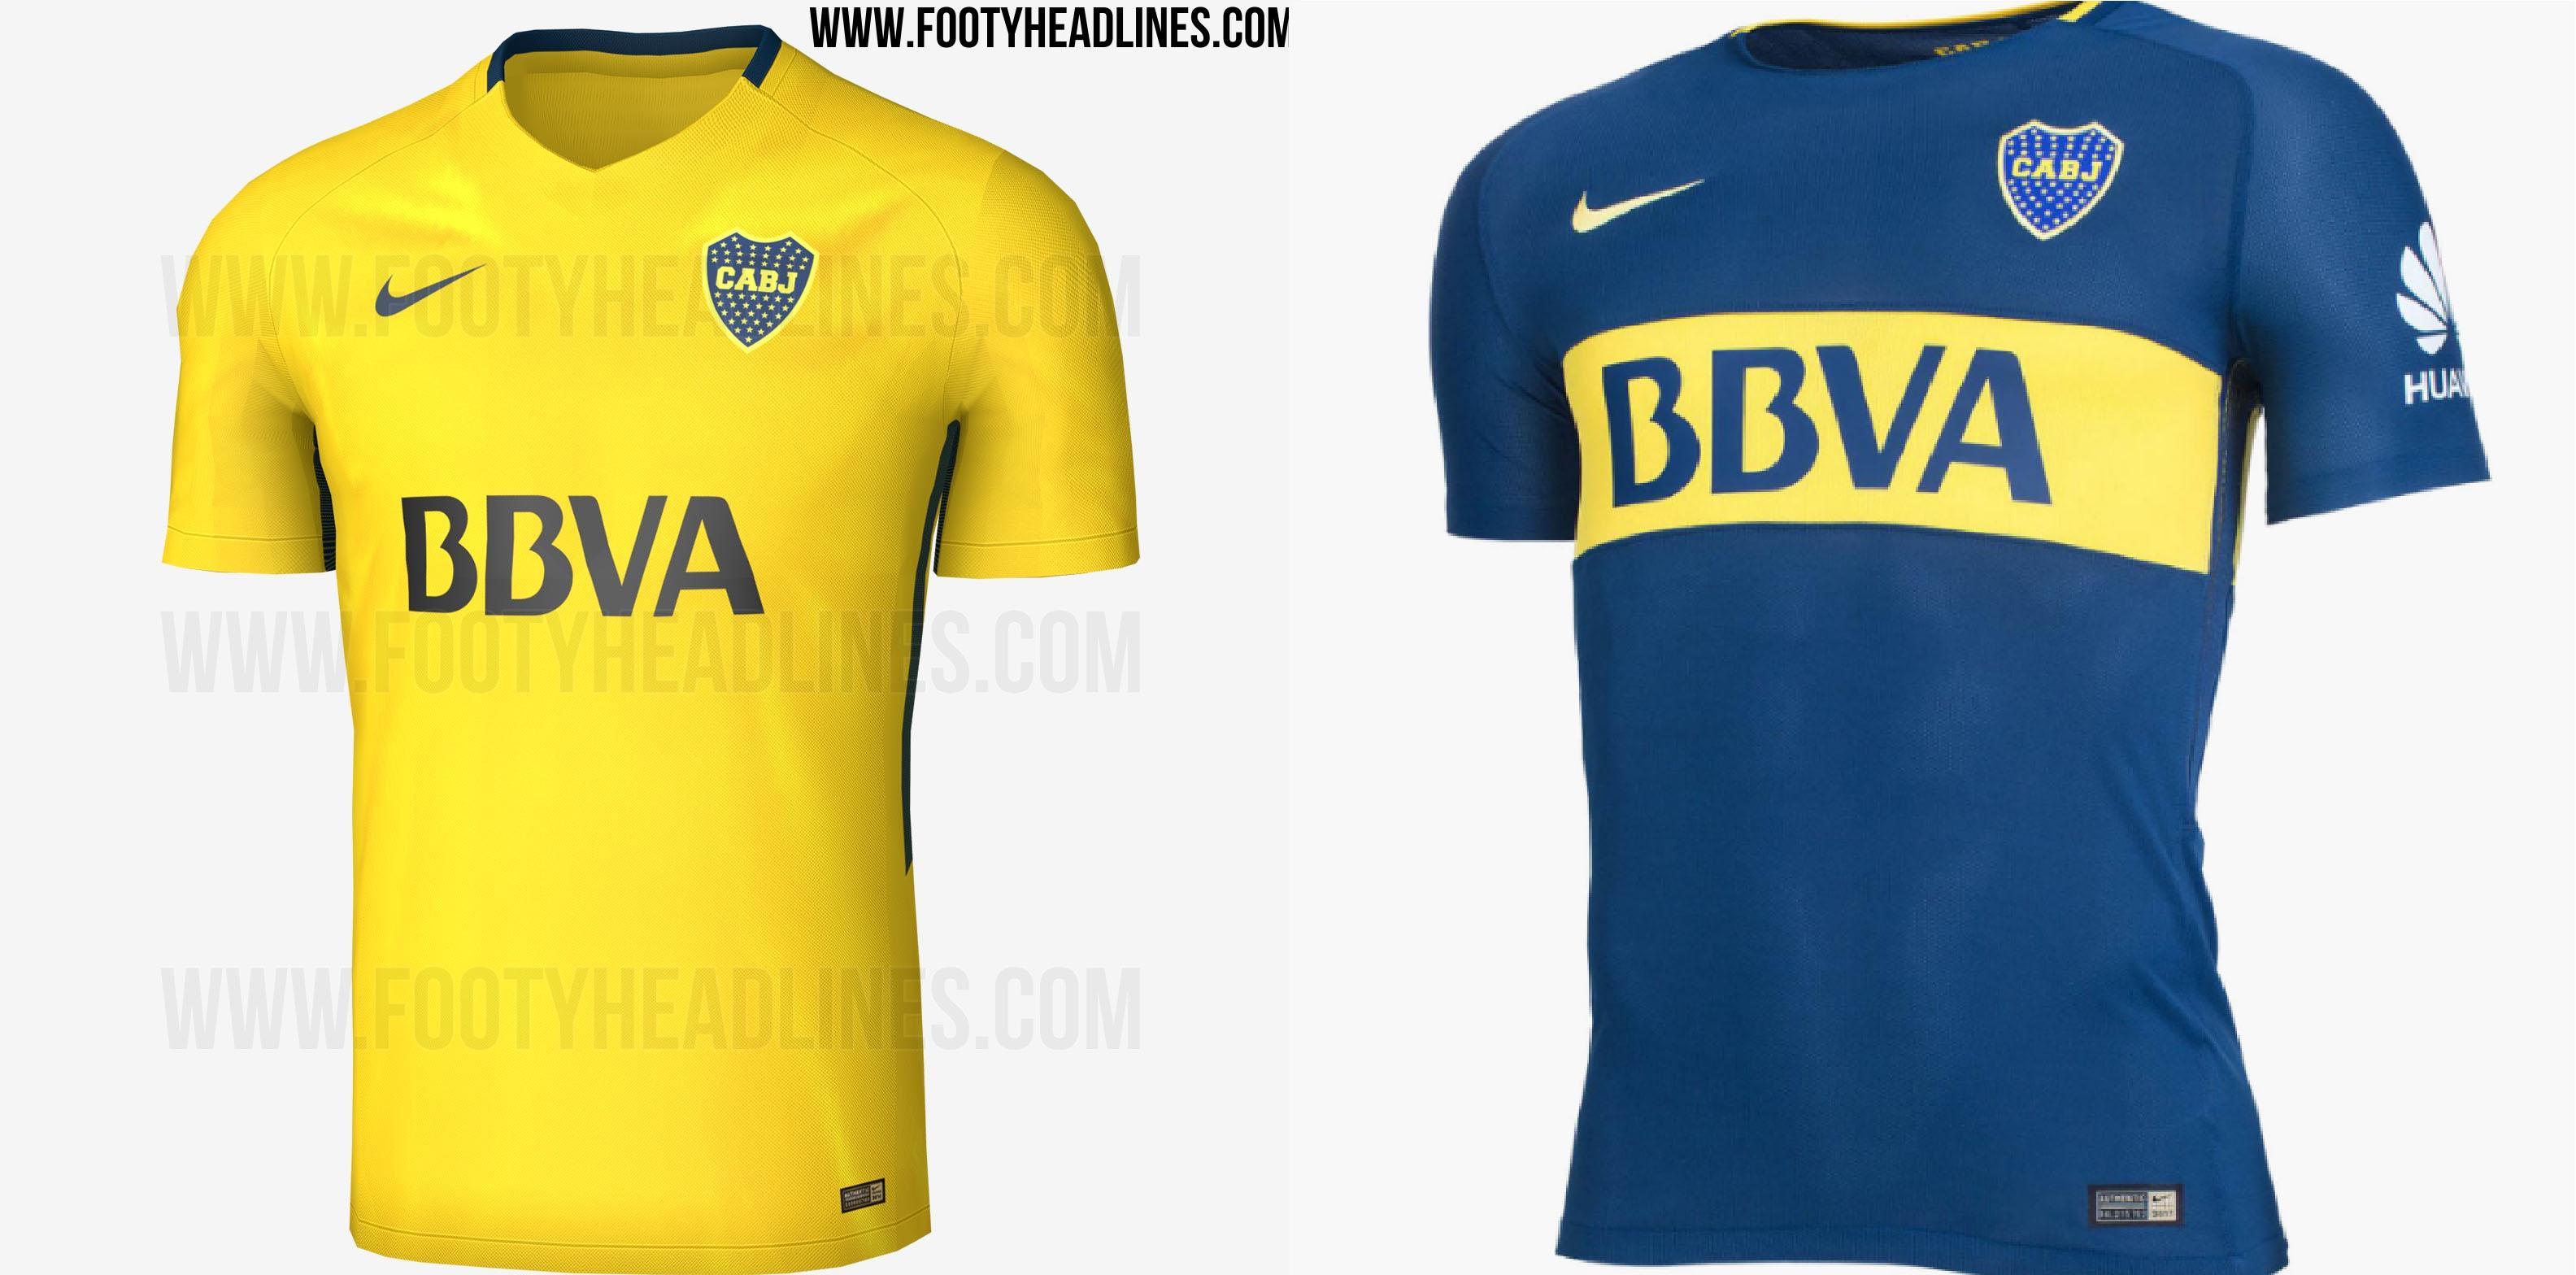 O site Footy Headlines vazou nesta sexta-feira (21) os novos uniformes do  Boca Juniors f7323b81dd98f